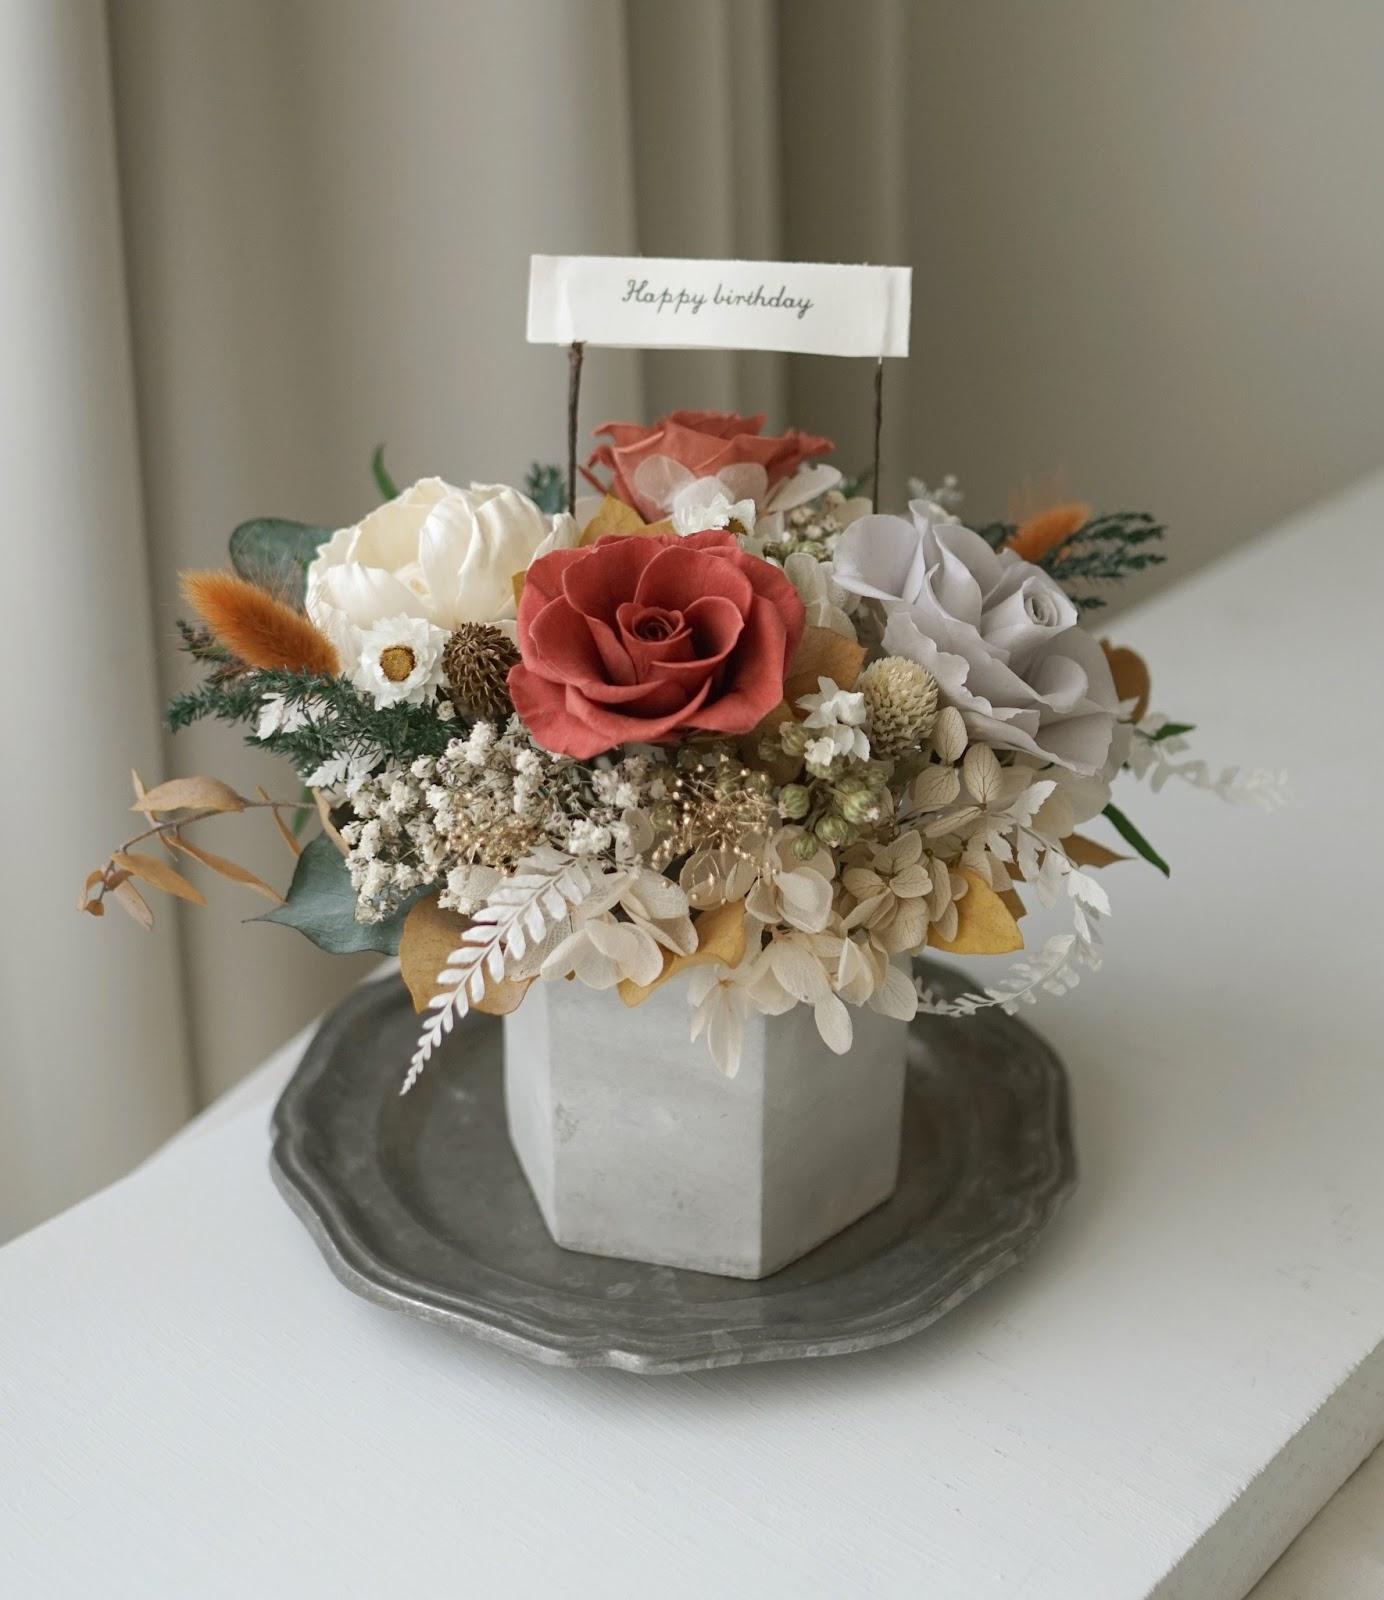 2021母親節 媽媽禮物 媽媽生日禮物 乾燥花束 訂做 康乃馨